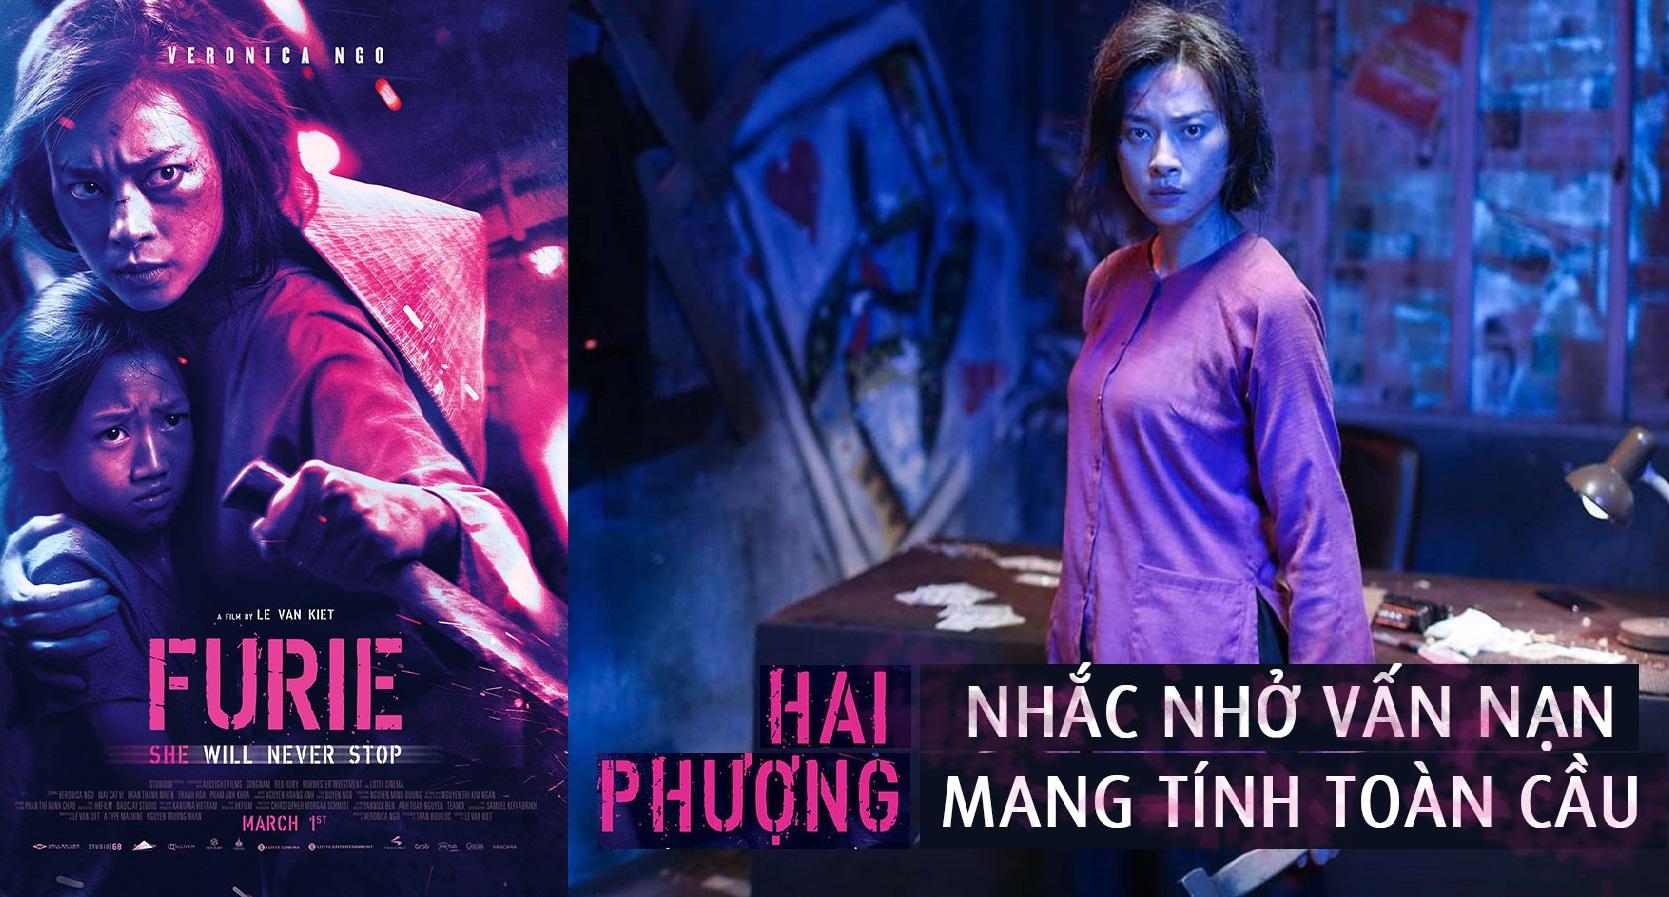 Hai Phượng – Bộ phim Việt mang thông điệp nhức nhối về vấn nạn mang tính toàn cầu